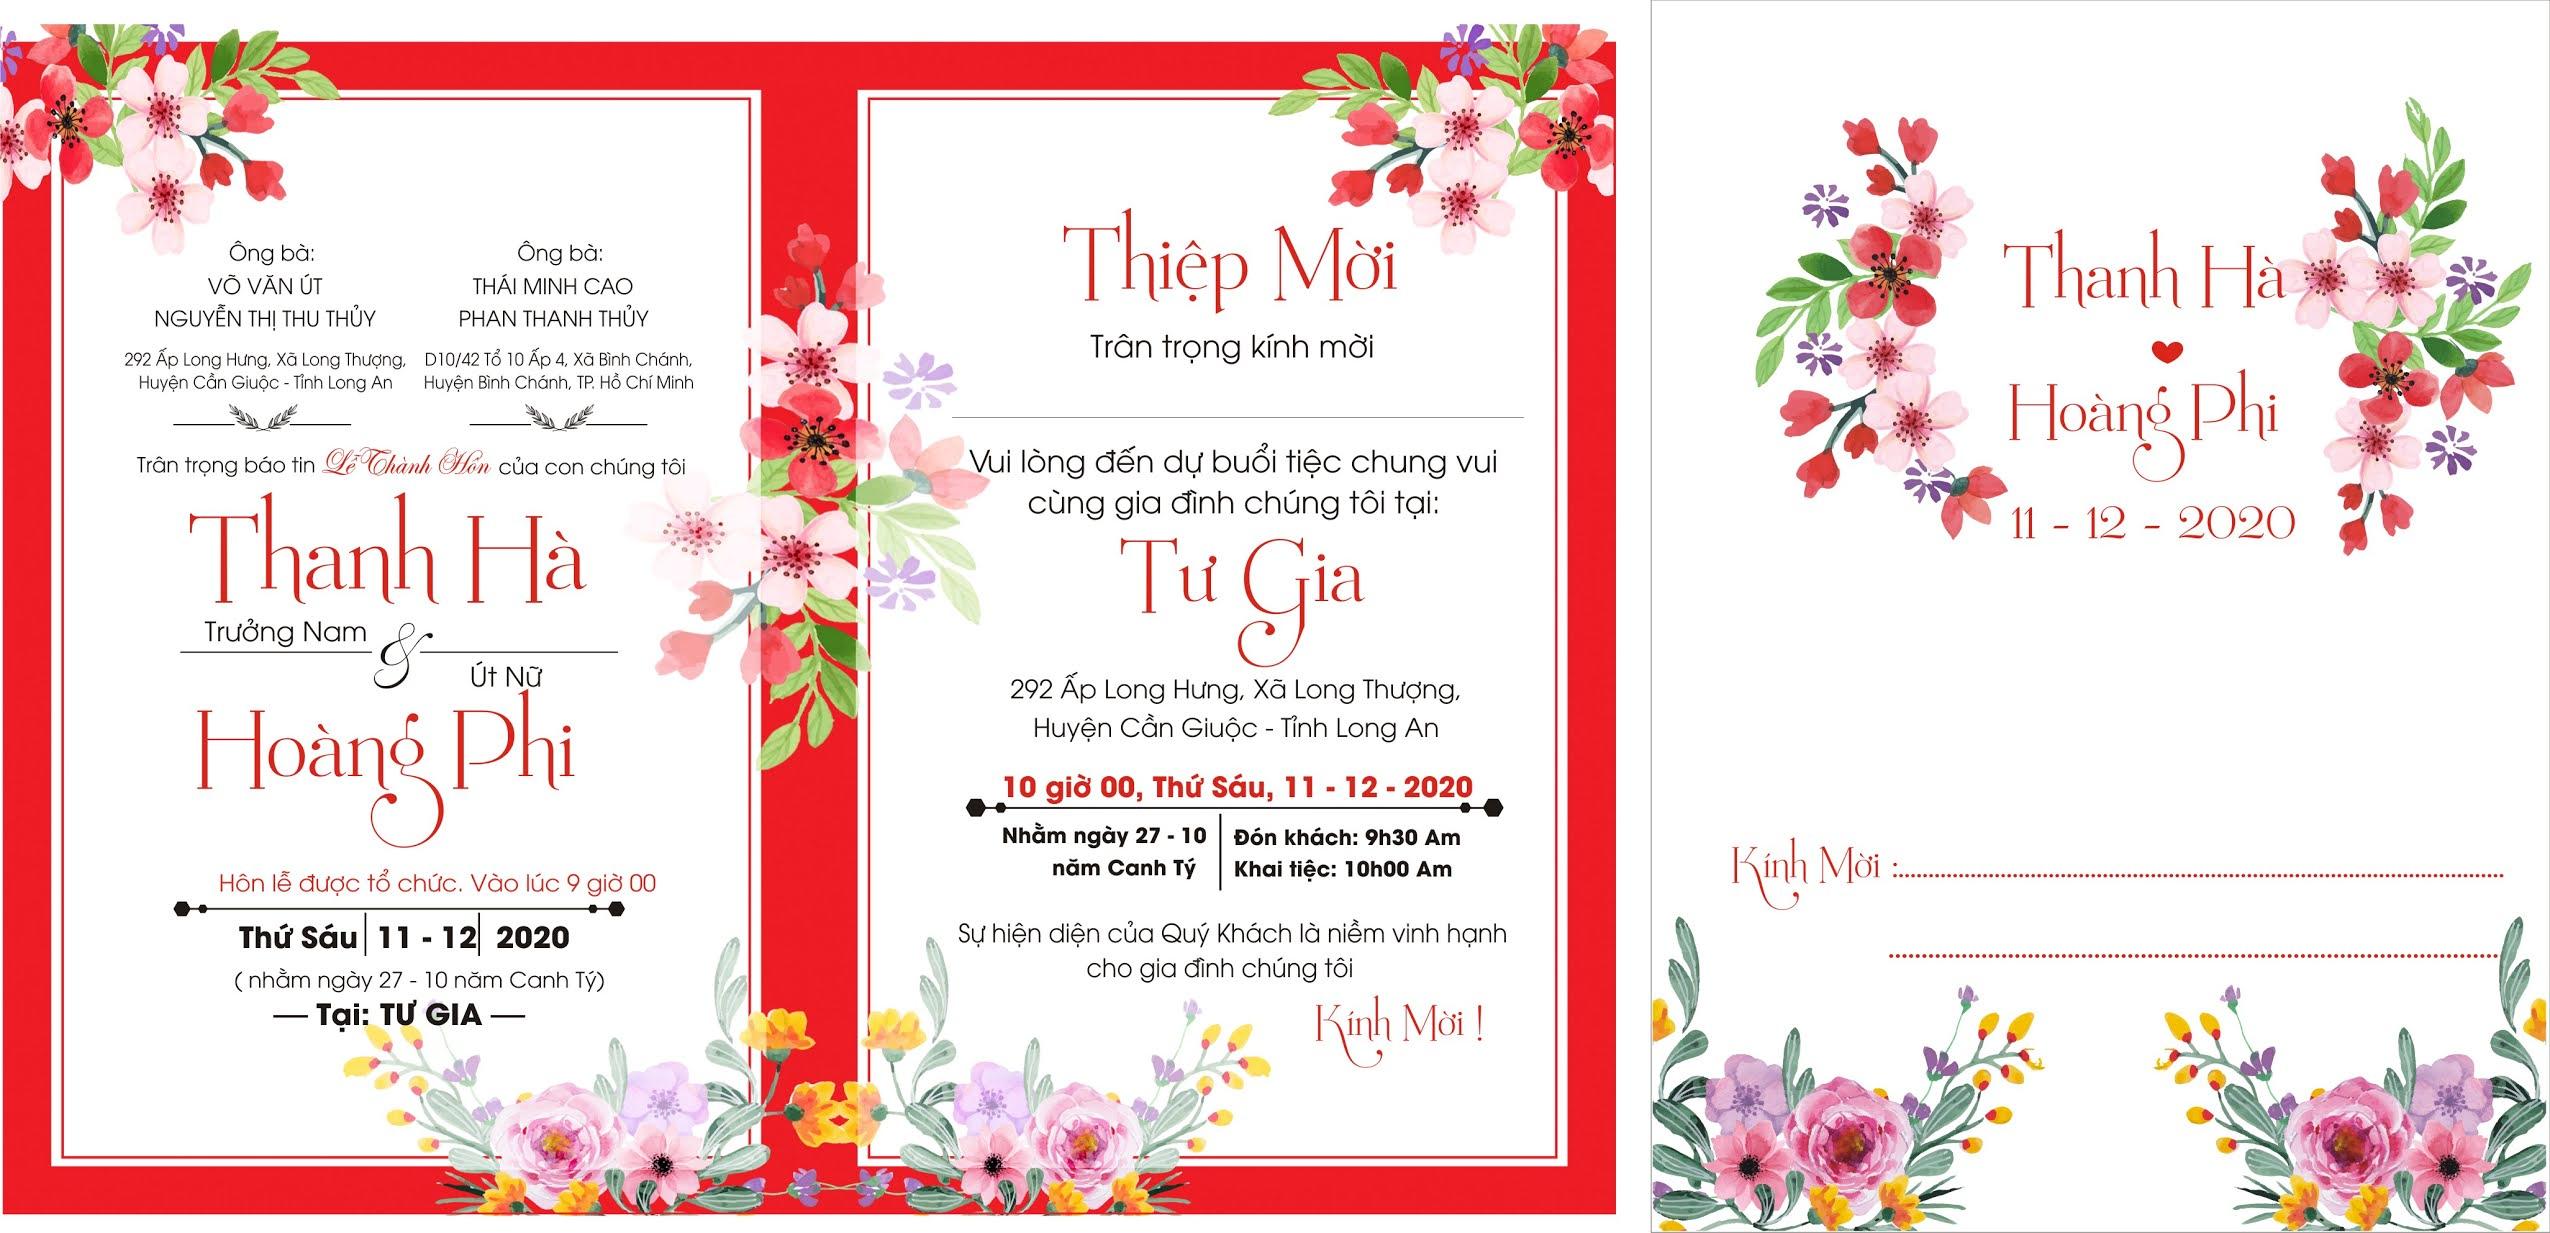 Chia sẻ mẫu thiệp cưới đẹp miễn phí